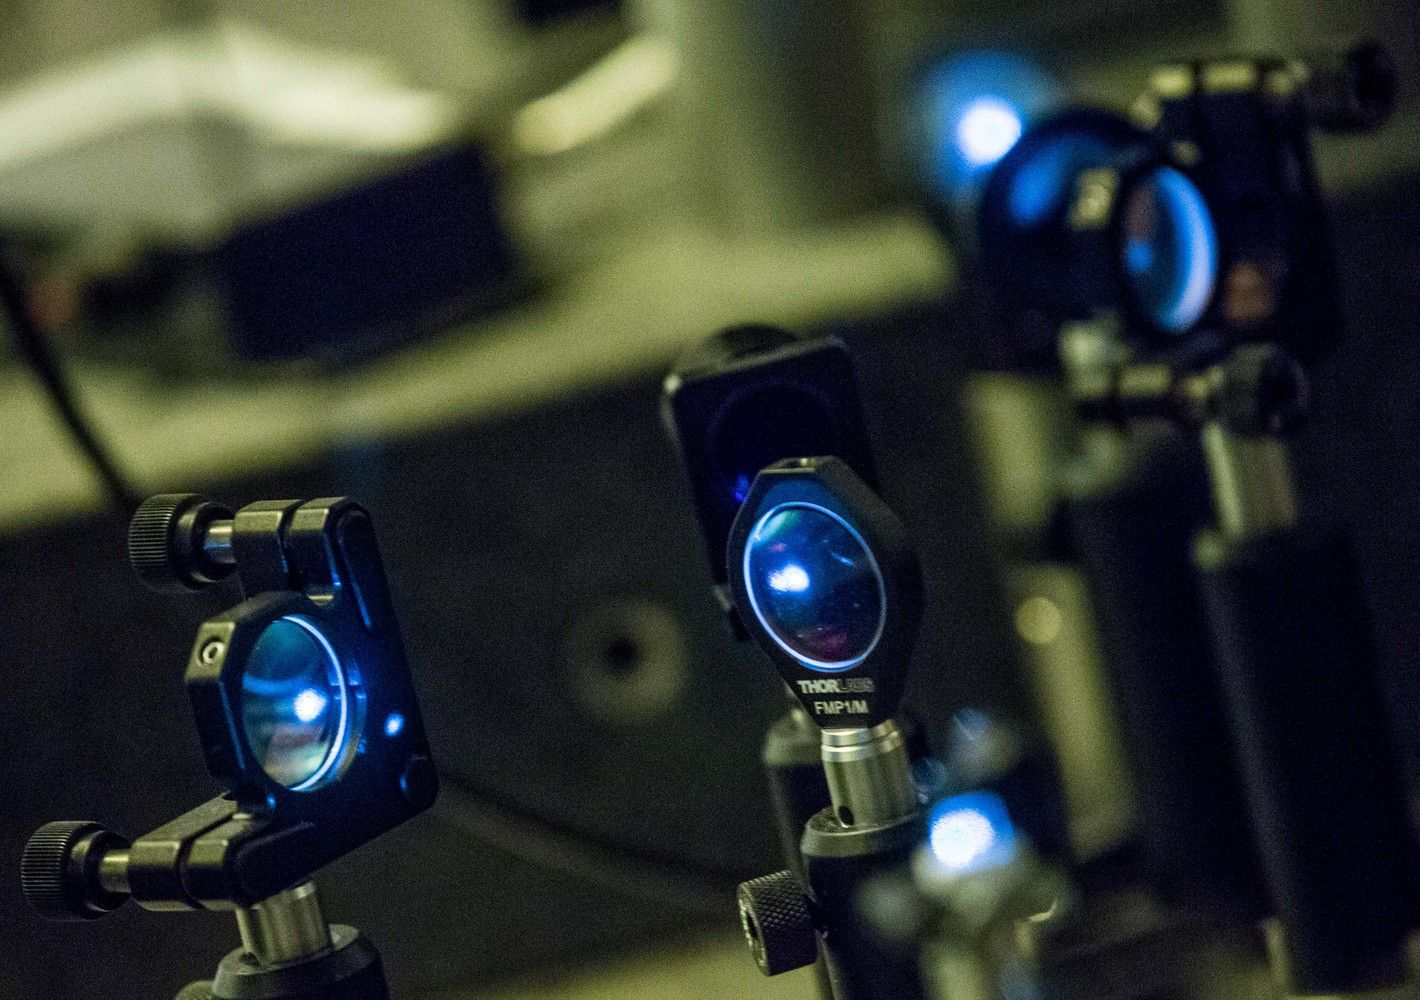 Mokslo ir valdžios išlaidos tyrimams sumenko 100 mln. Eur